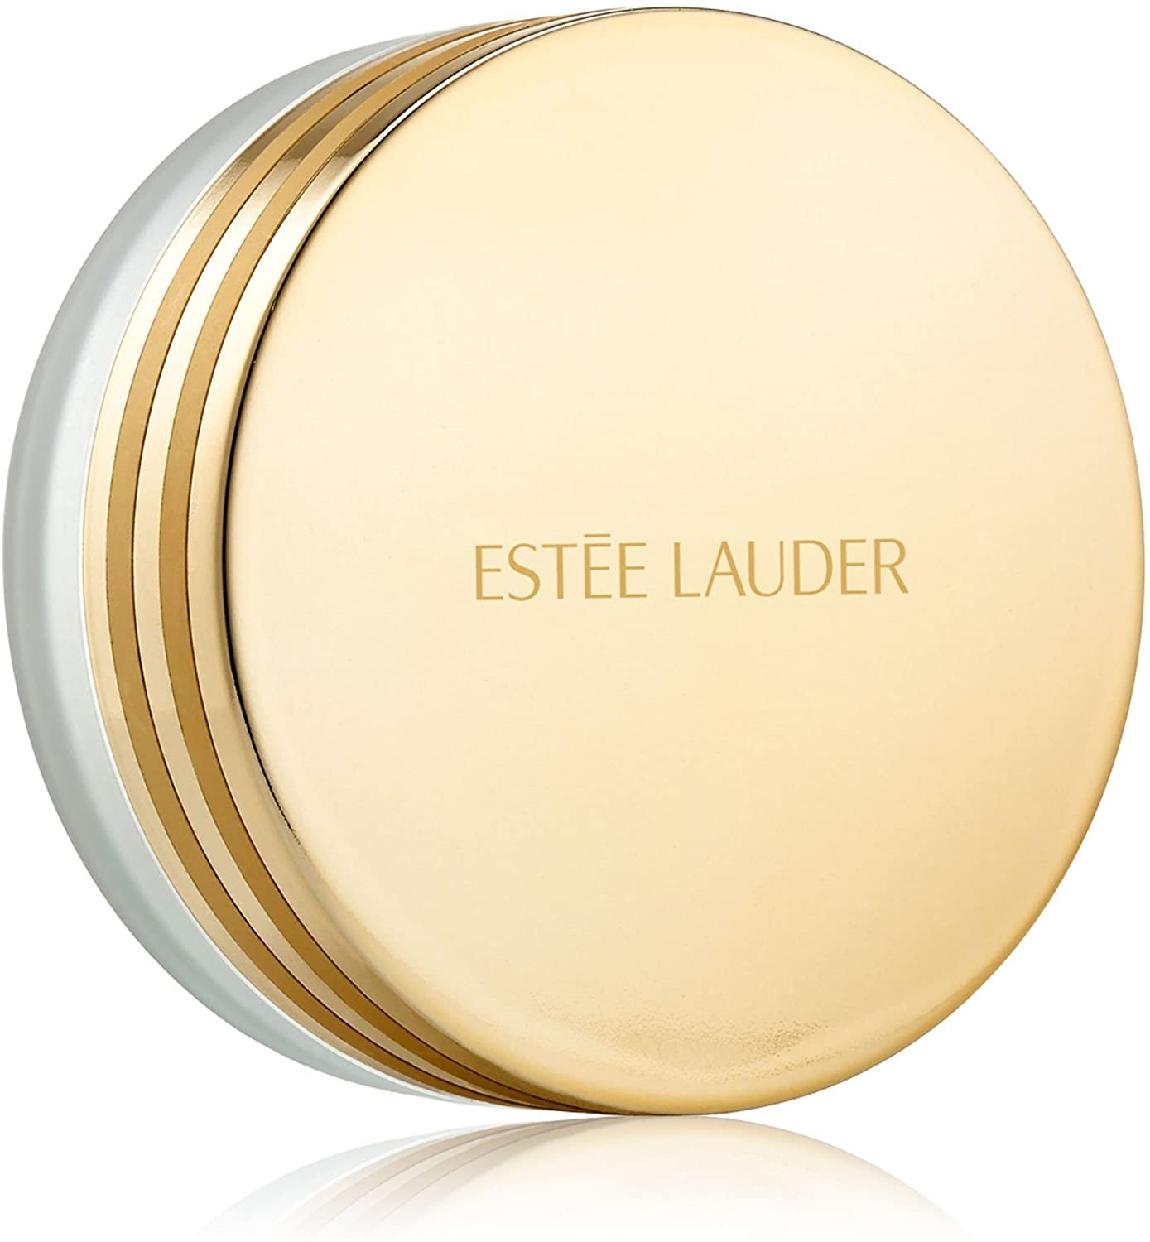 ESTEE LAUDER(エスティローダー) アドバンス ナイト マイクロ クレンジング バームの商品画像